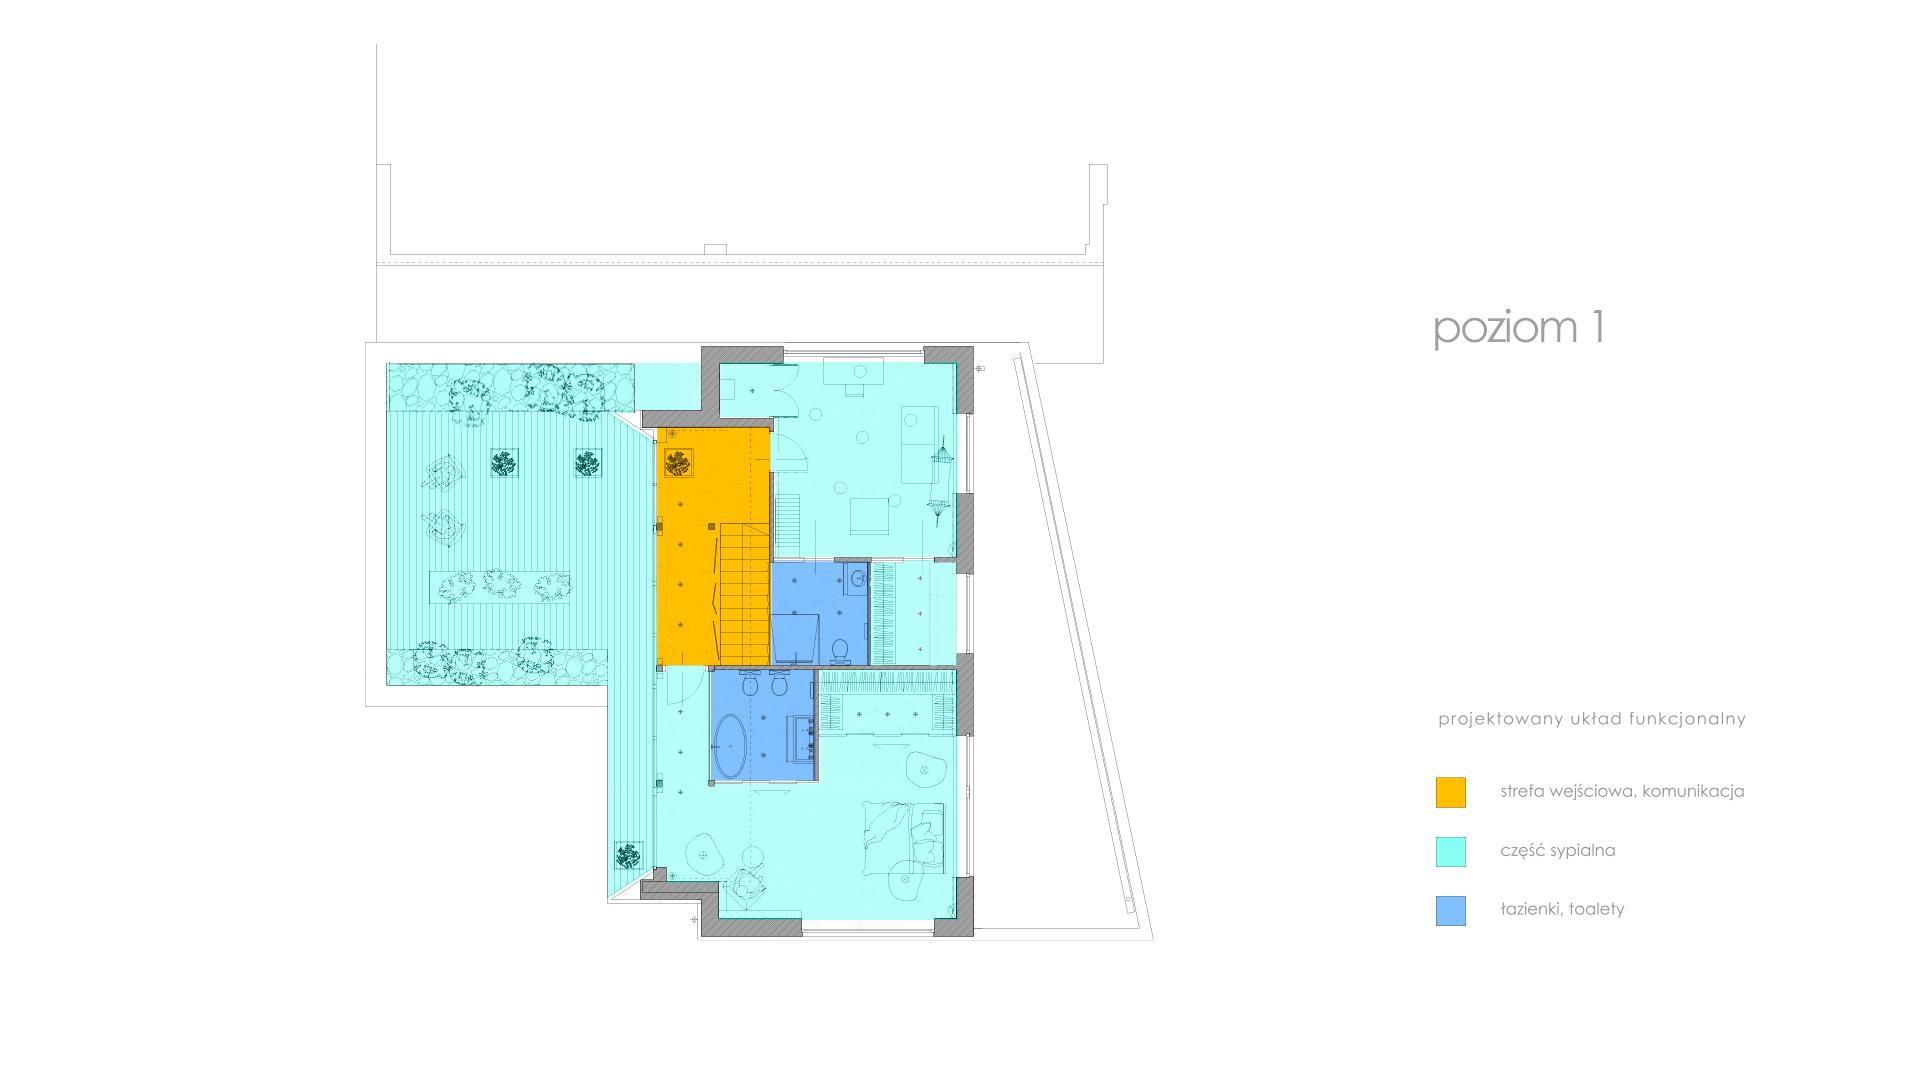 Genius Loci Architekci_Bystra_projekt wnętrz